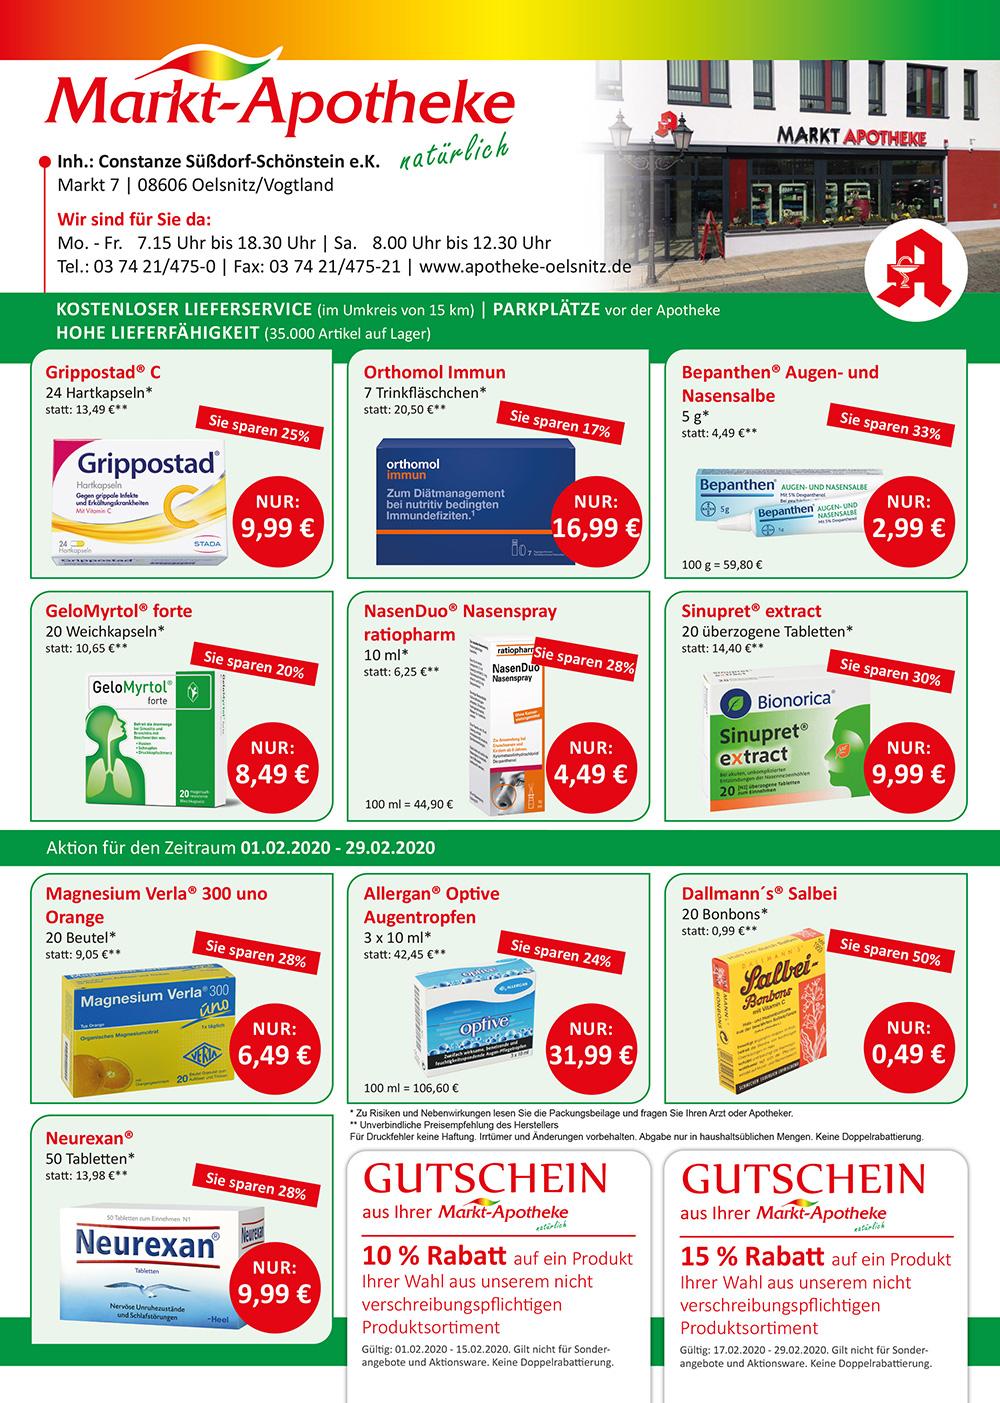 https://www-apotheken-de.apocdn.net/fileadmin/clubarea/00000-Angebote/08606_21681_markt_angebot_1.jpg